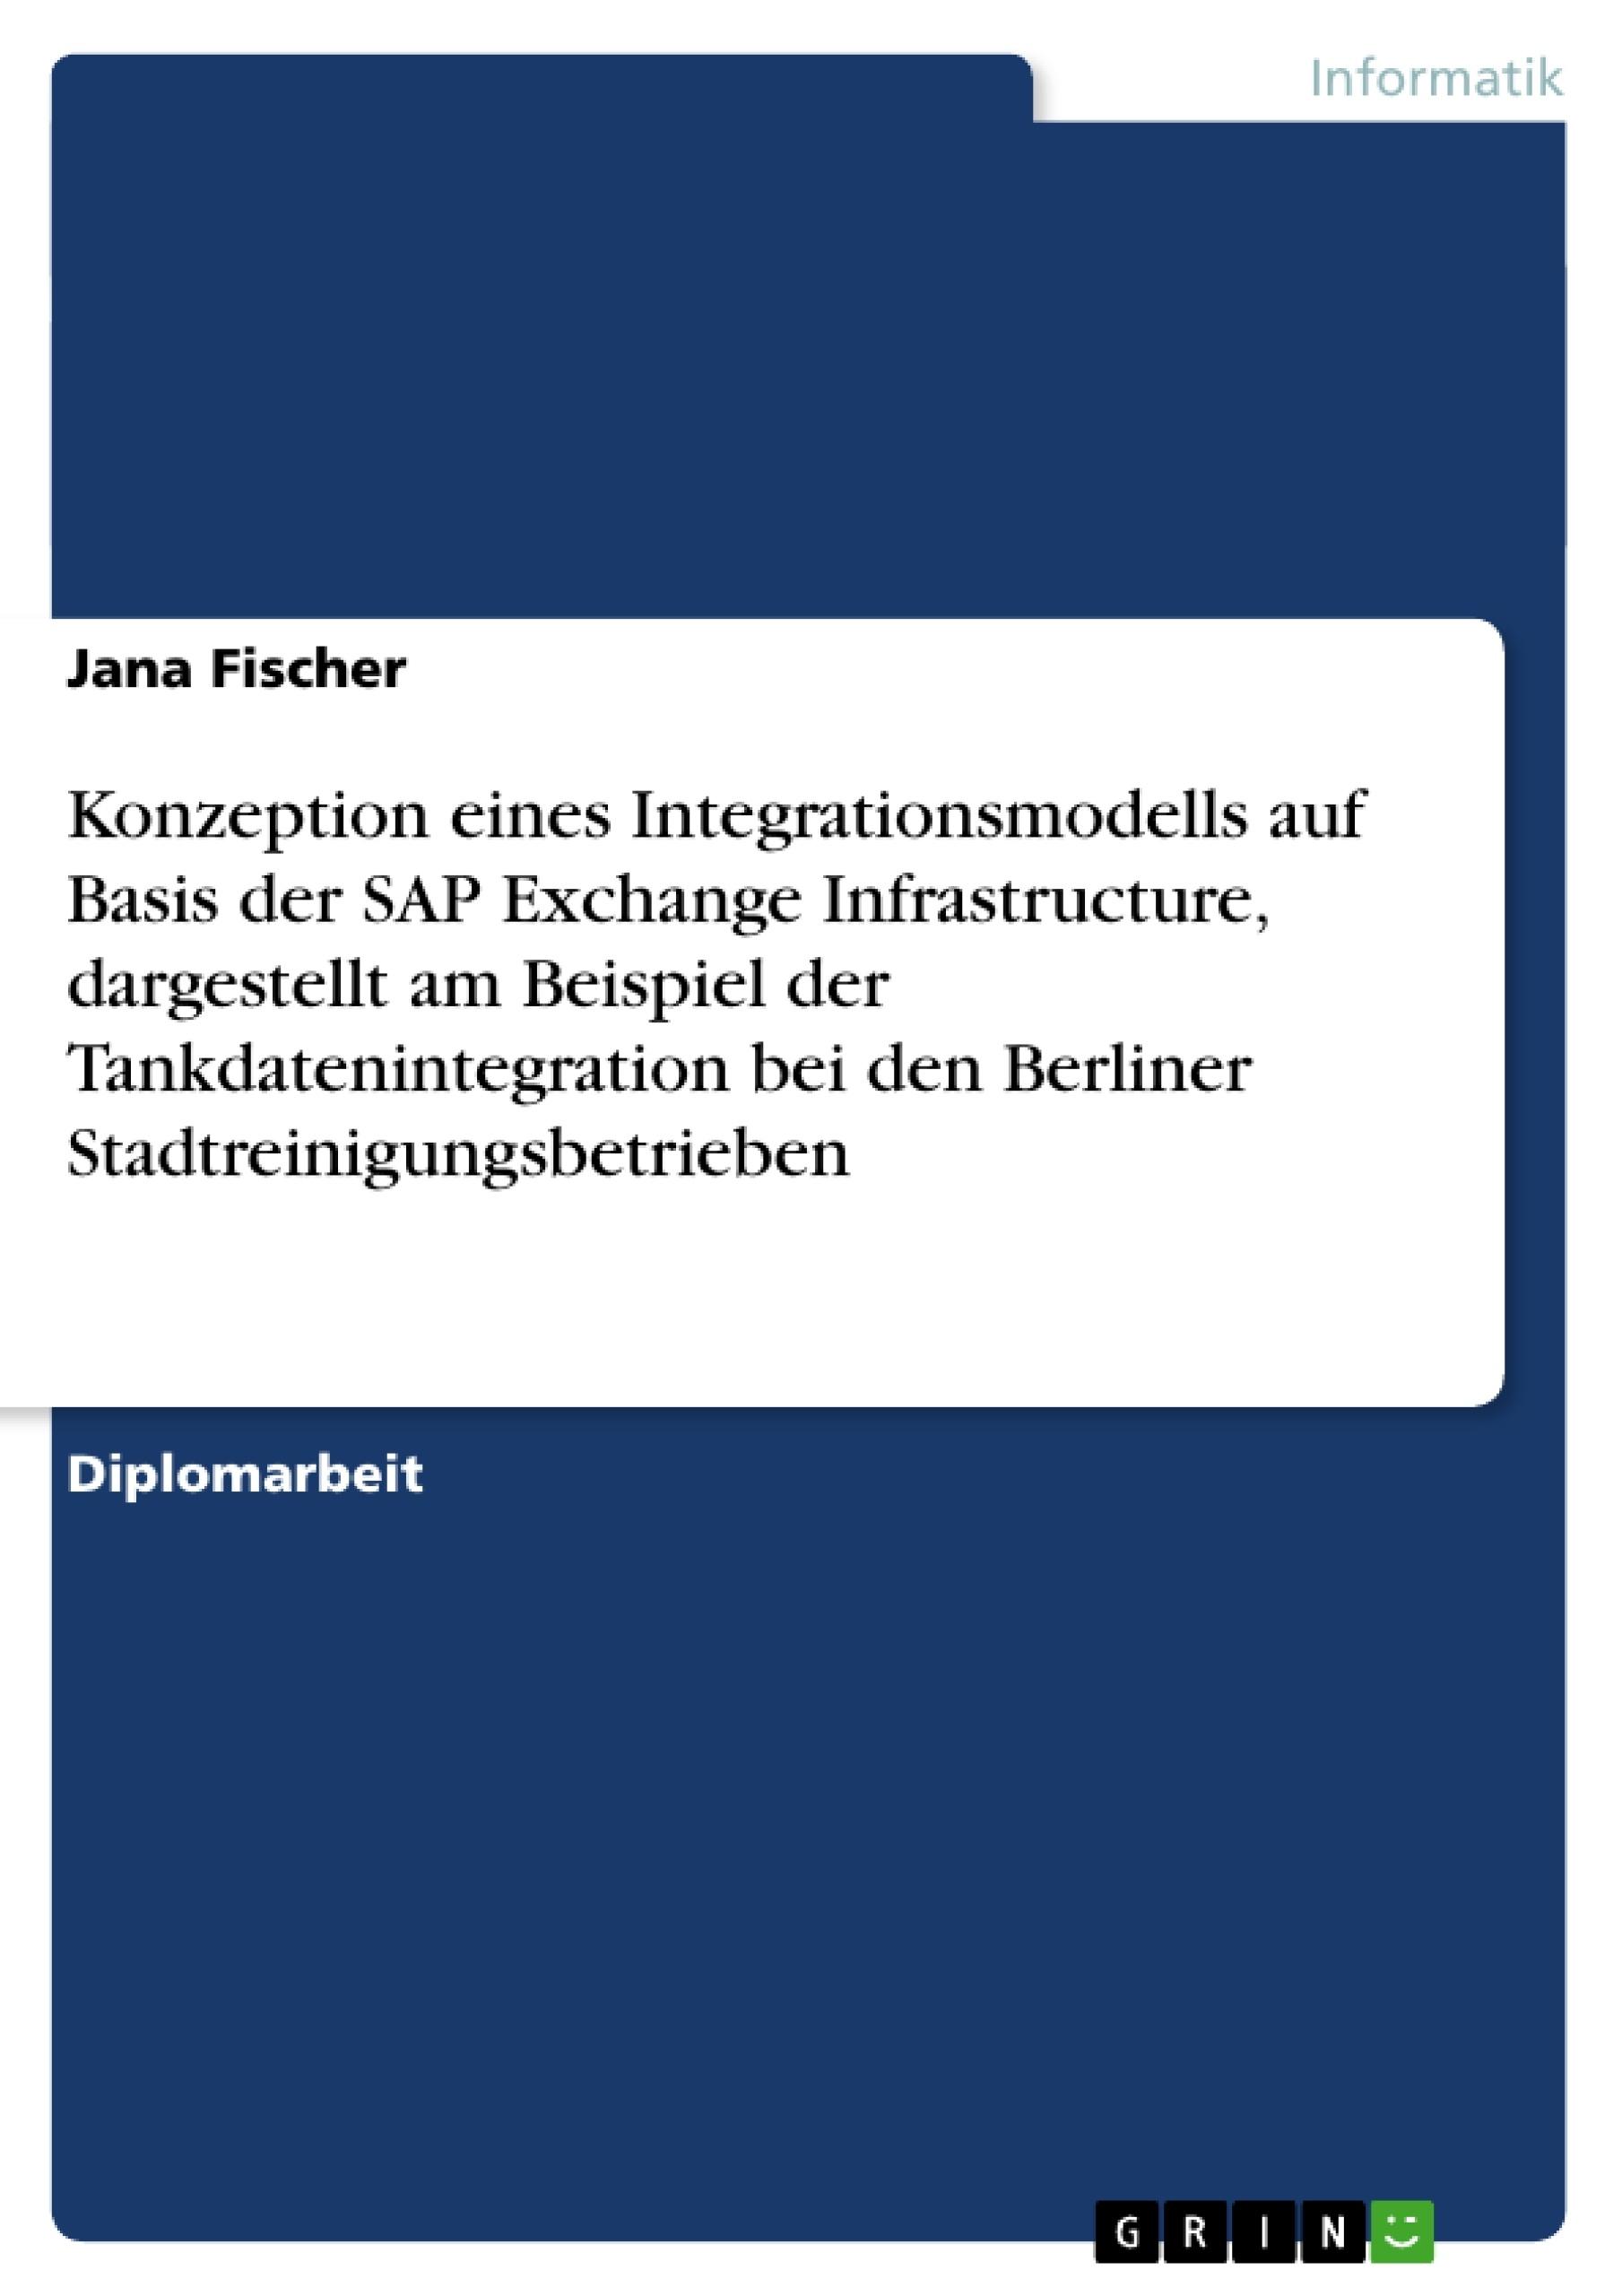 Titel: Konzeption eines Integrationsmodells auf Basis der SAP Exchange Infrastructure, dargestellt am Beispiel der Tankdatenintegration bei den Berliner Stadtreinigungsbetrieben